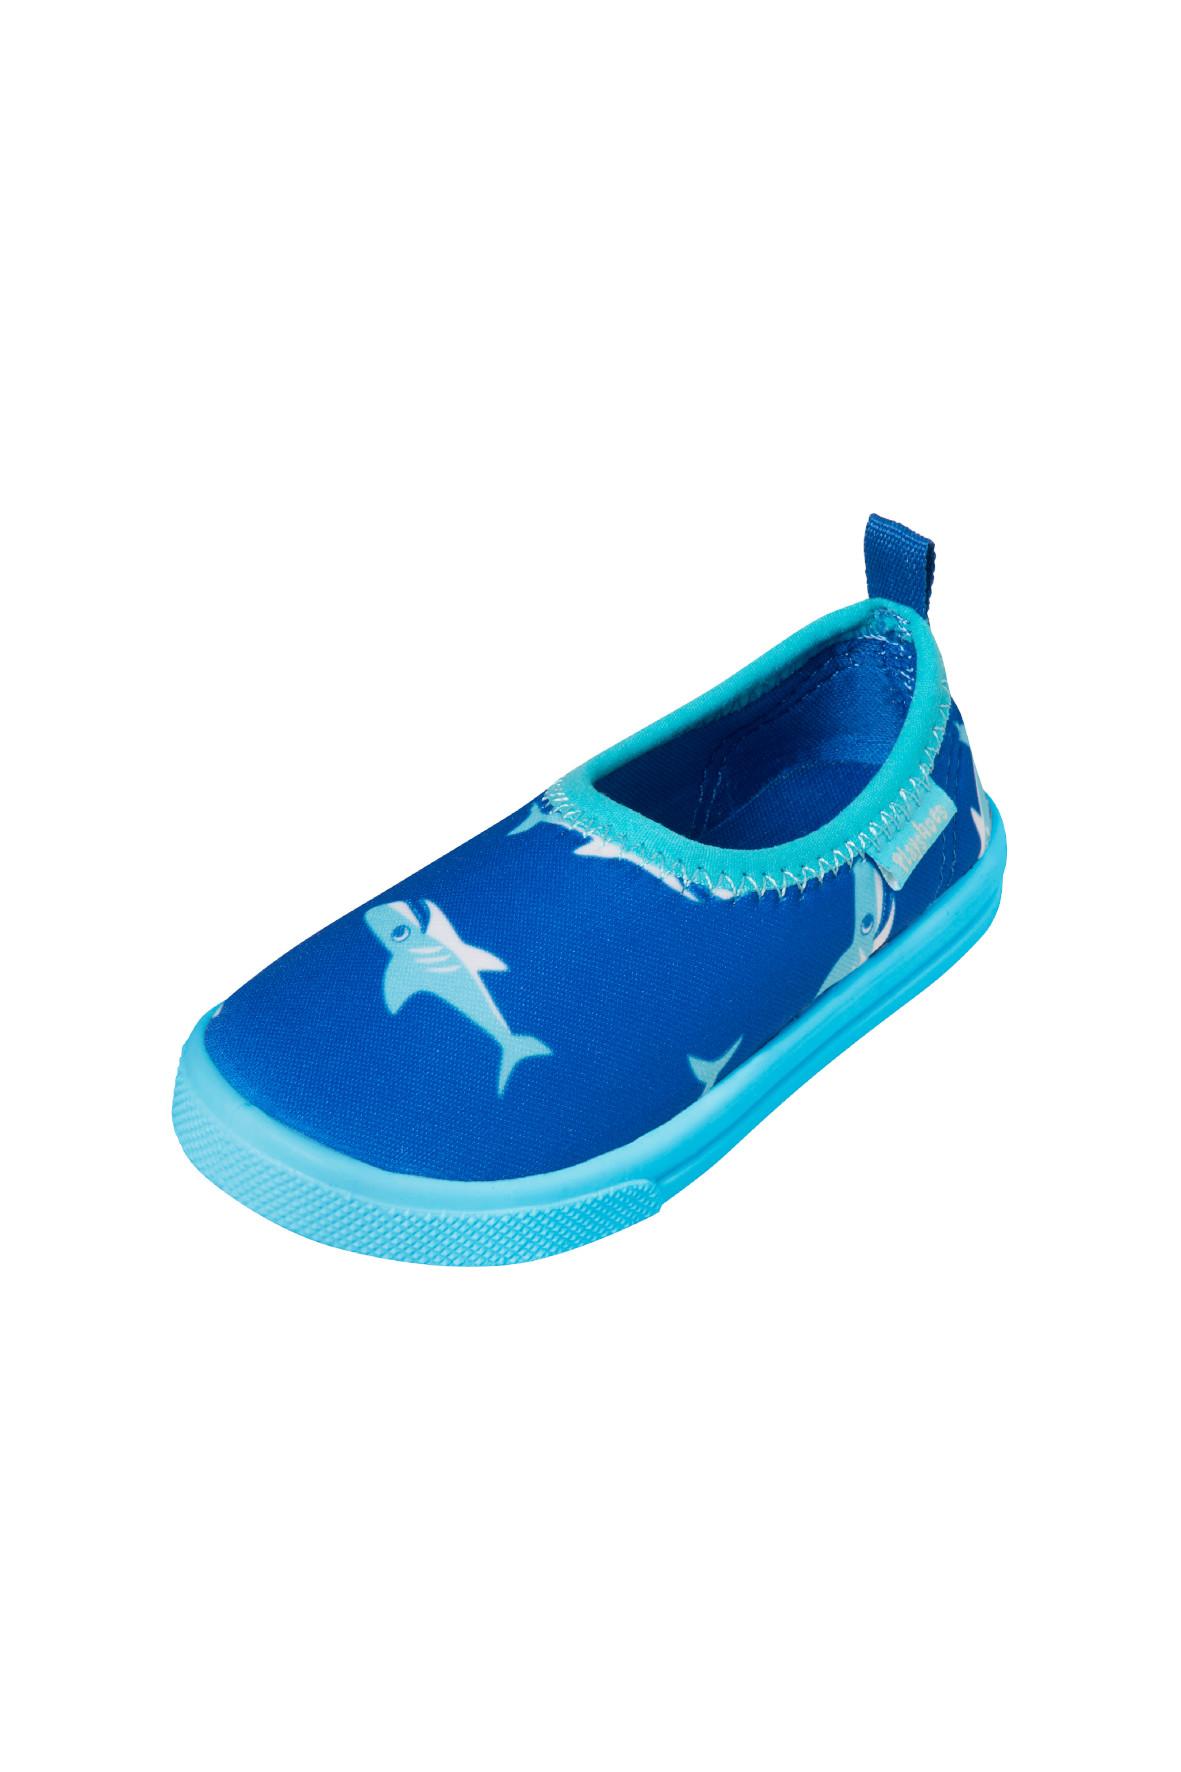 Buty kąpielowe z filtrem UV rekin 5Z36A7